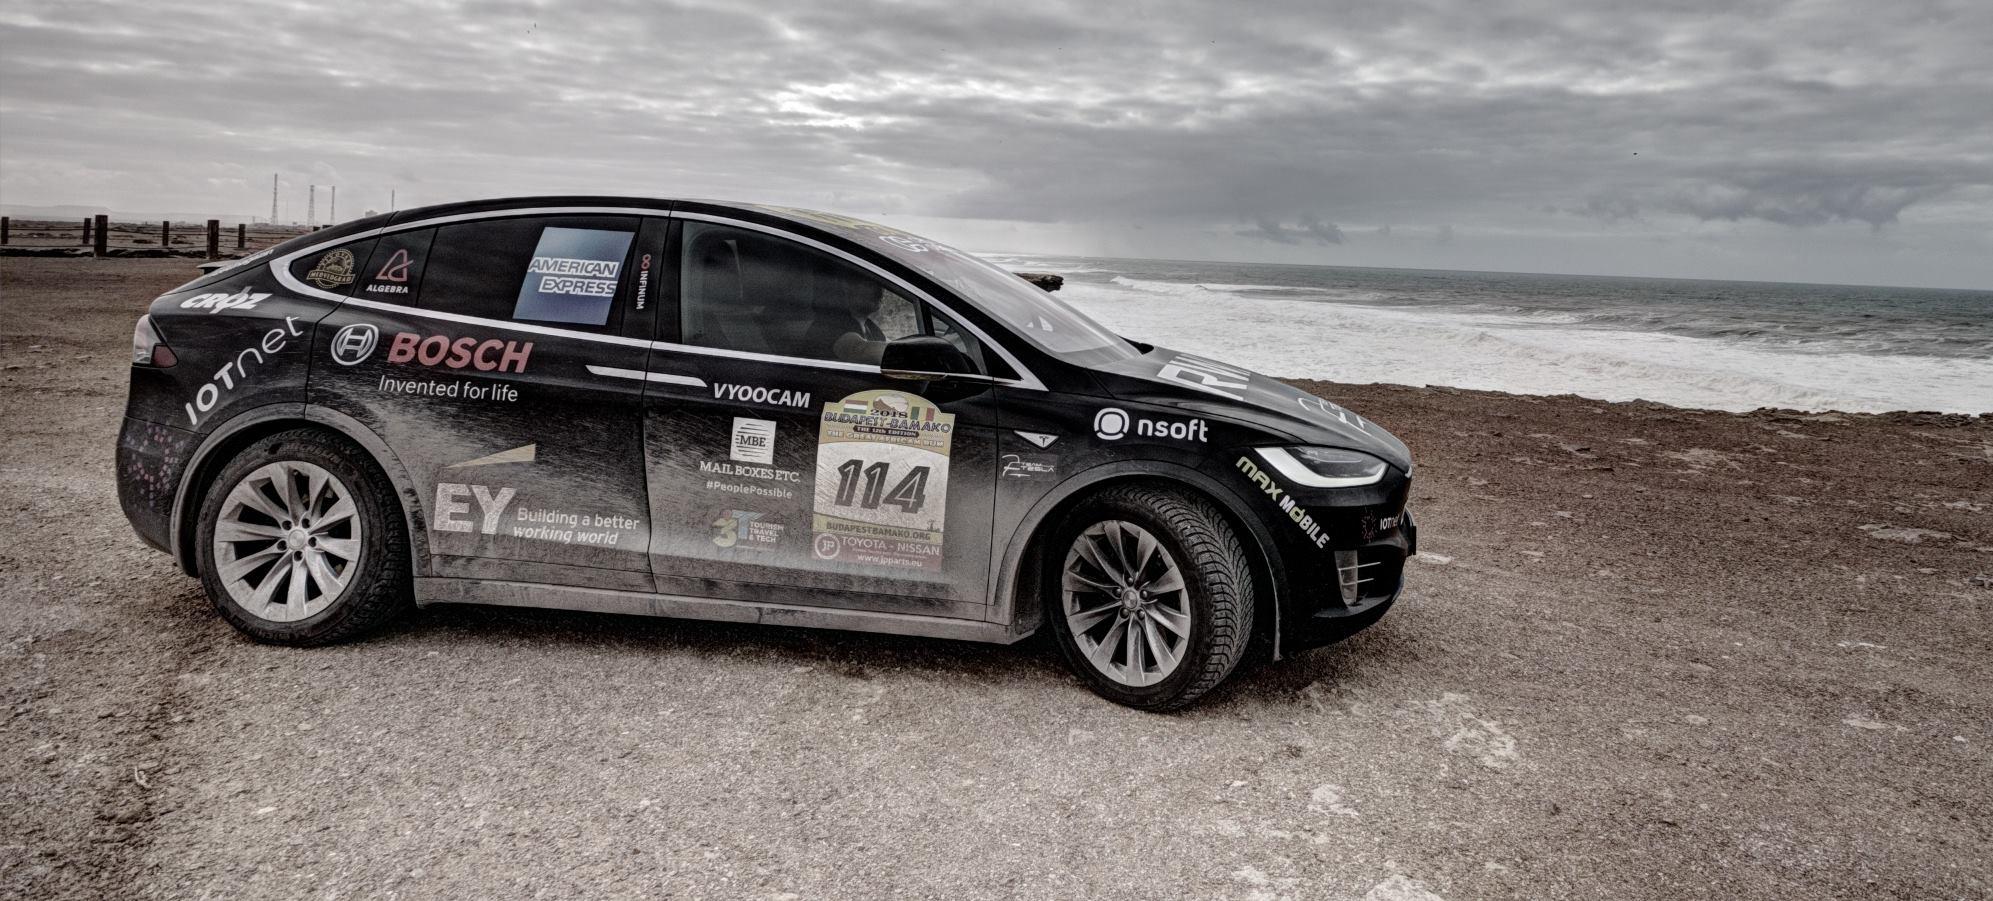 FOTO: Hrvatski Team Tesla uspješno prešao Saharu i kreće prema cilju u Gradu Banjulu